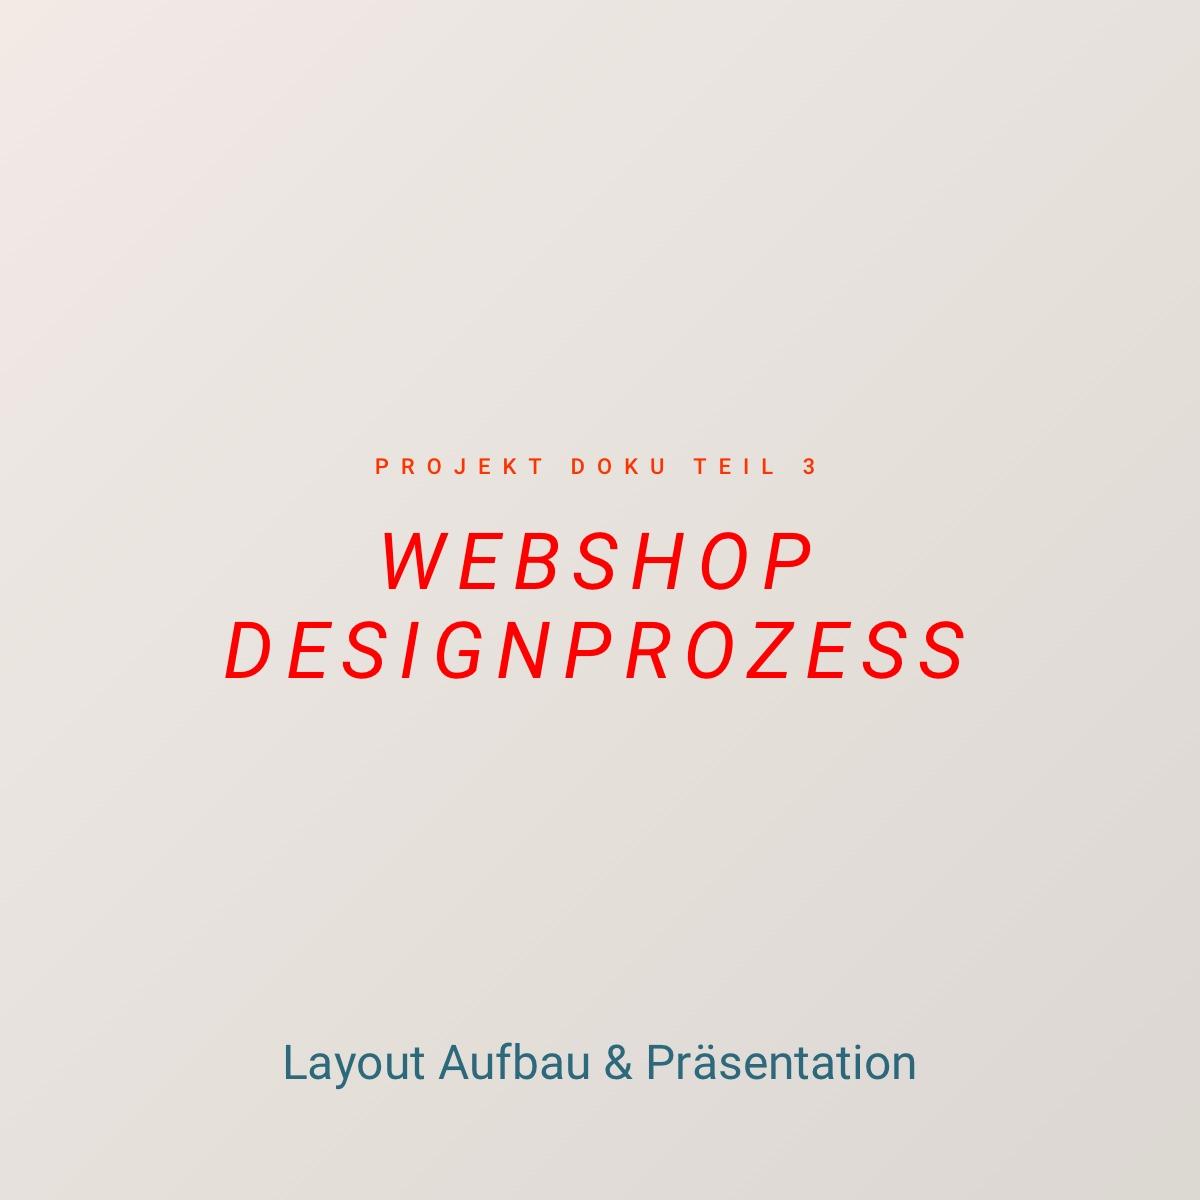 Webshop Designprozess und Layout Präsentation - Doku 3